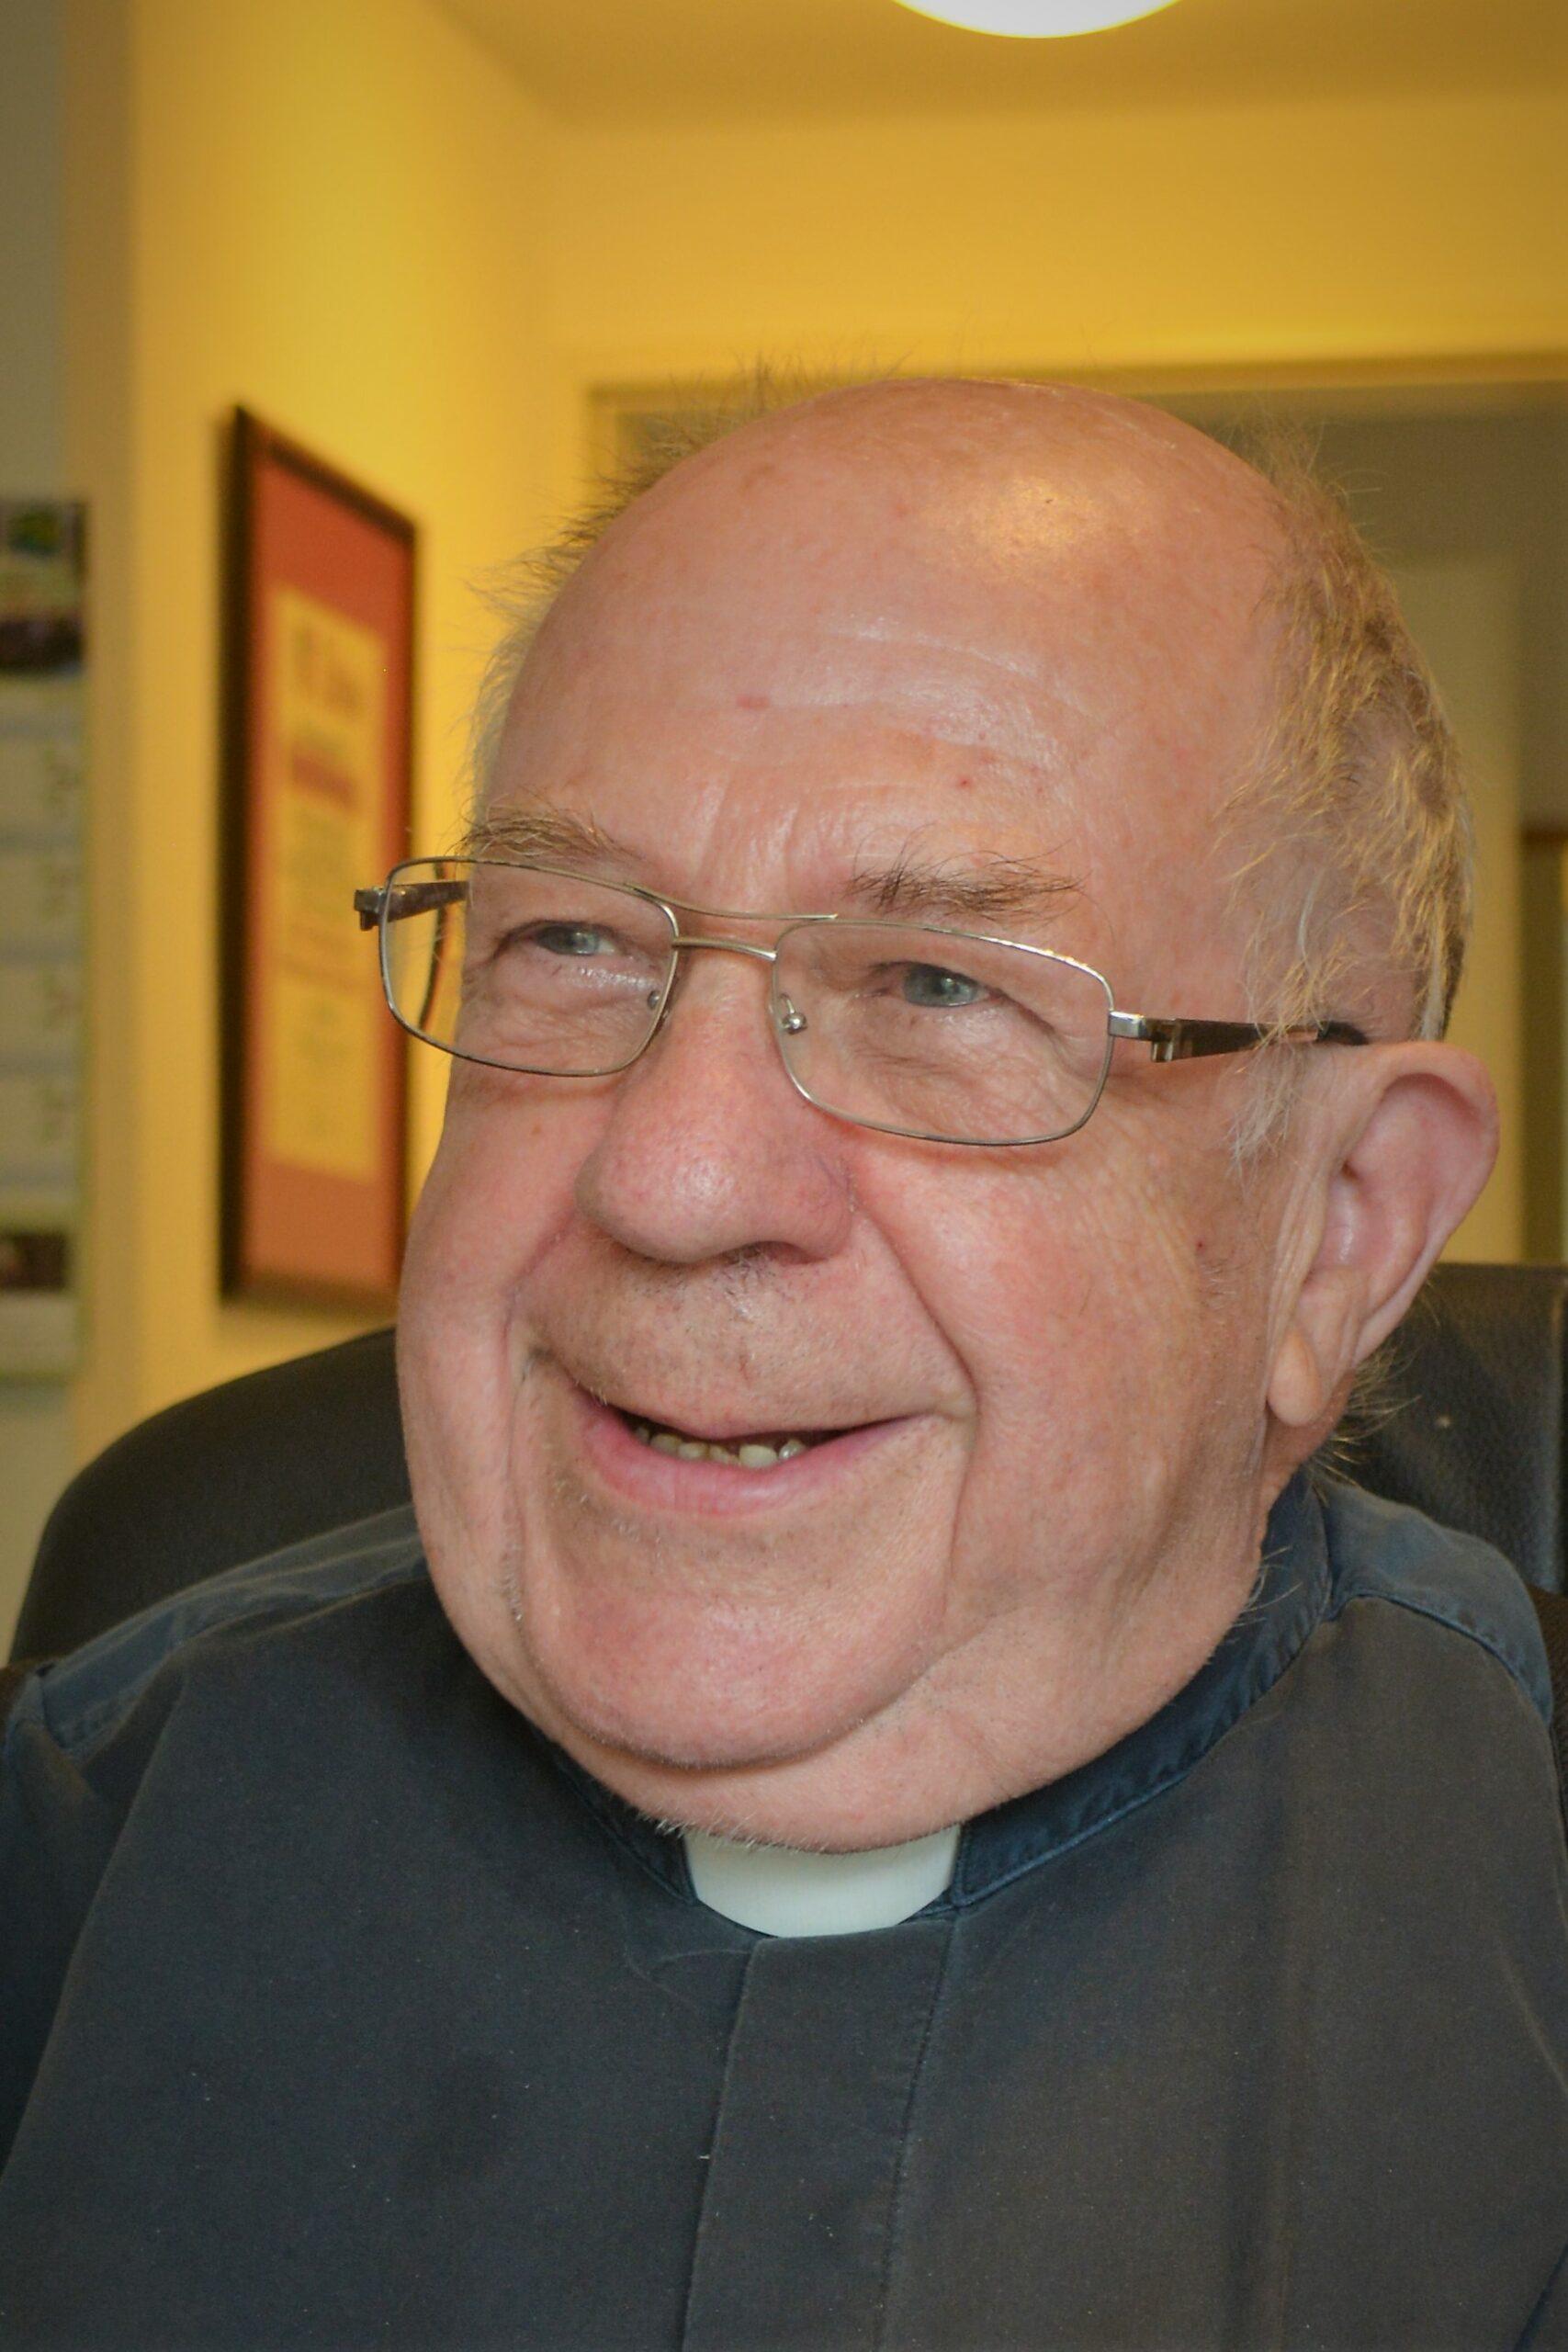 Pastor Paul Nikolajaczyk